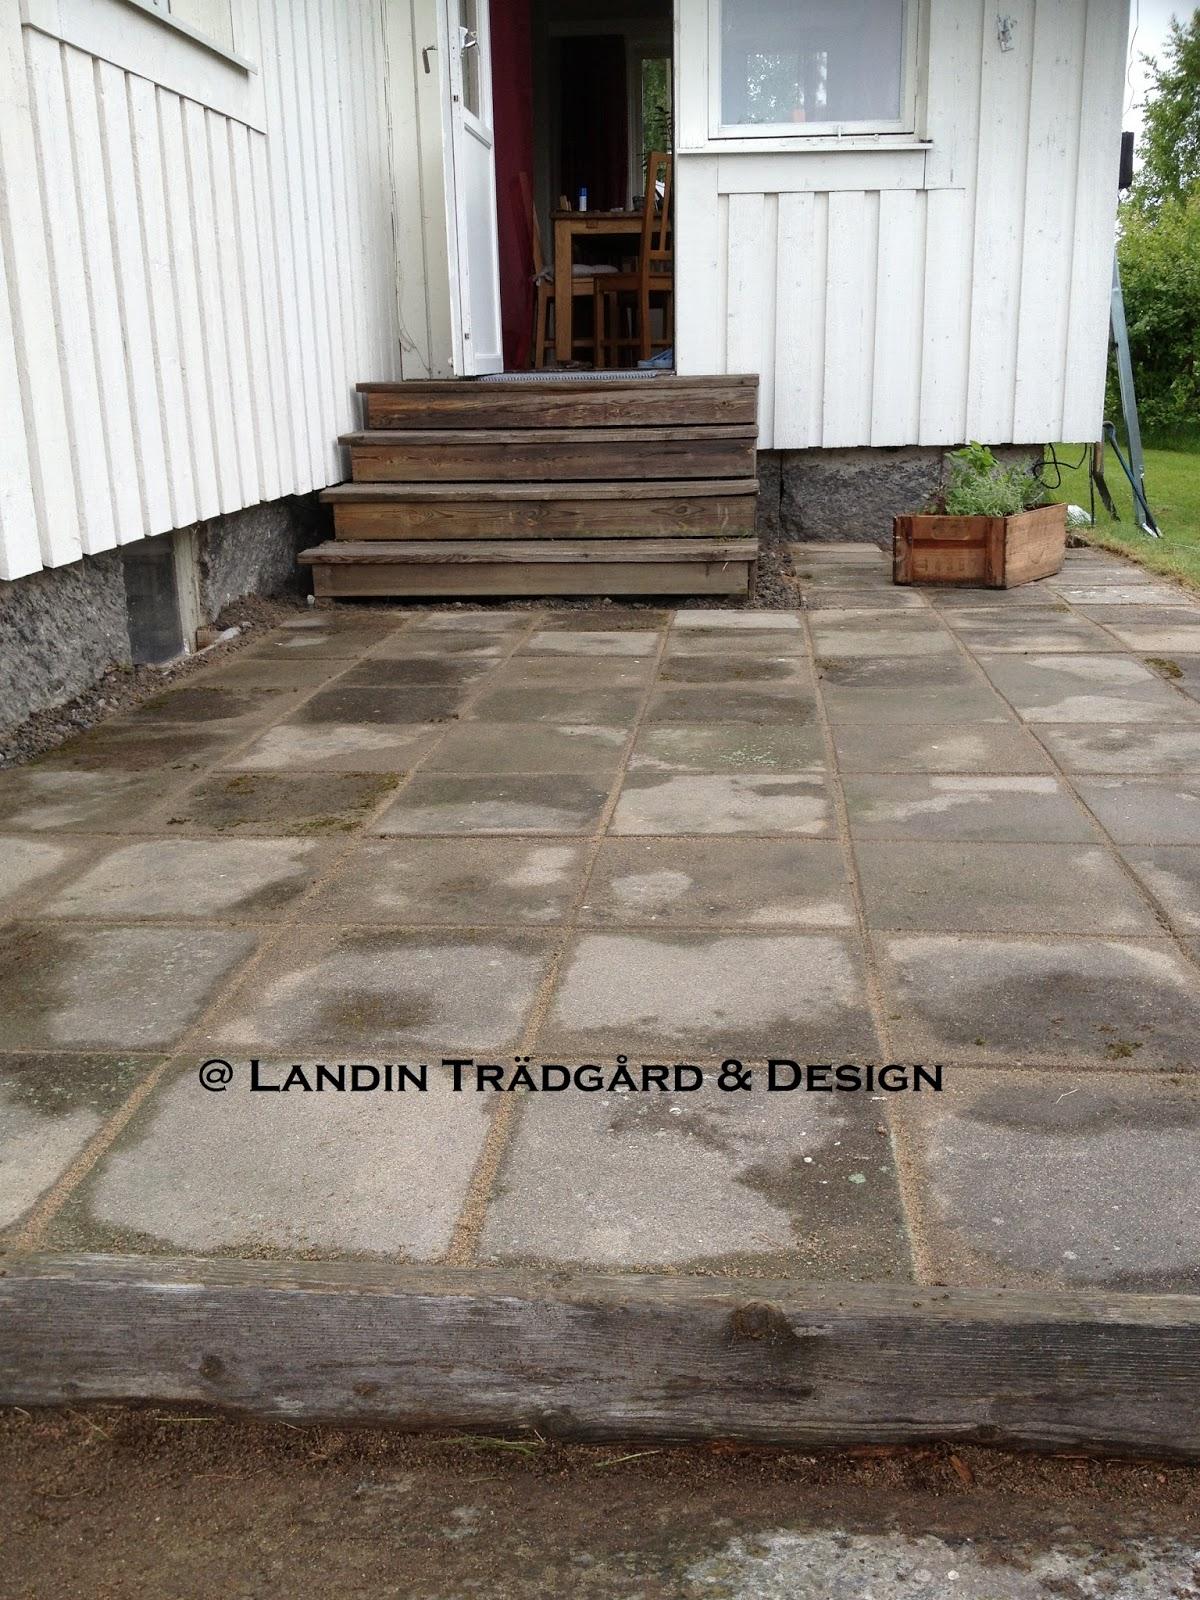 Landin Trädgård & Design blogg